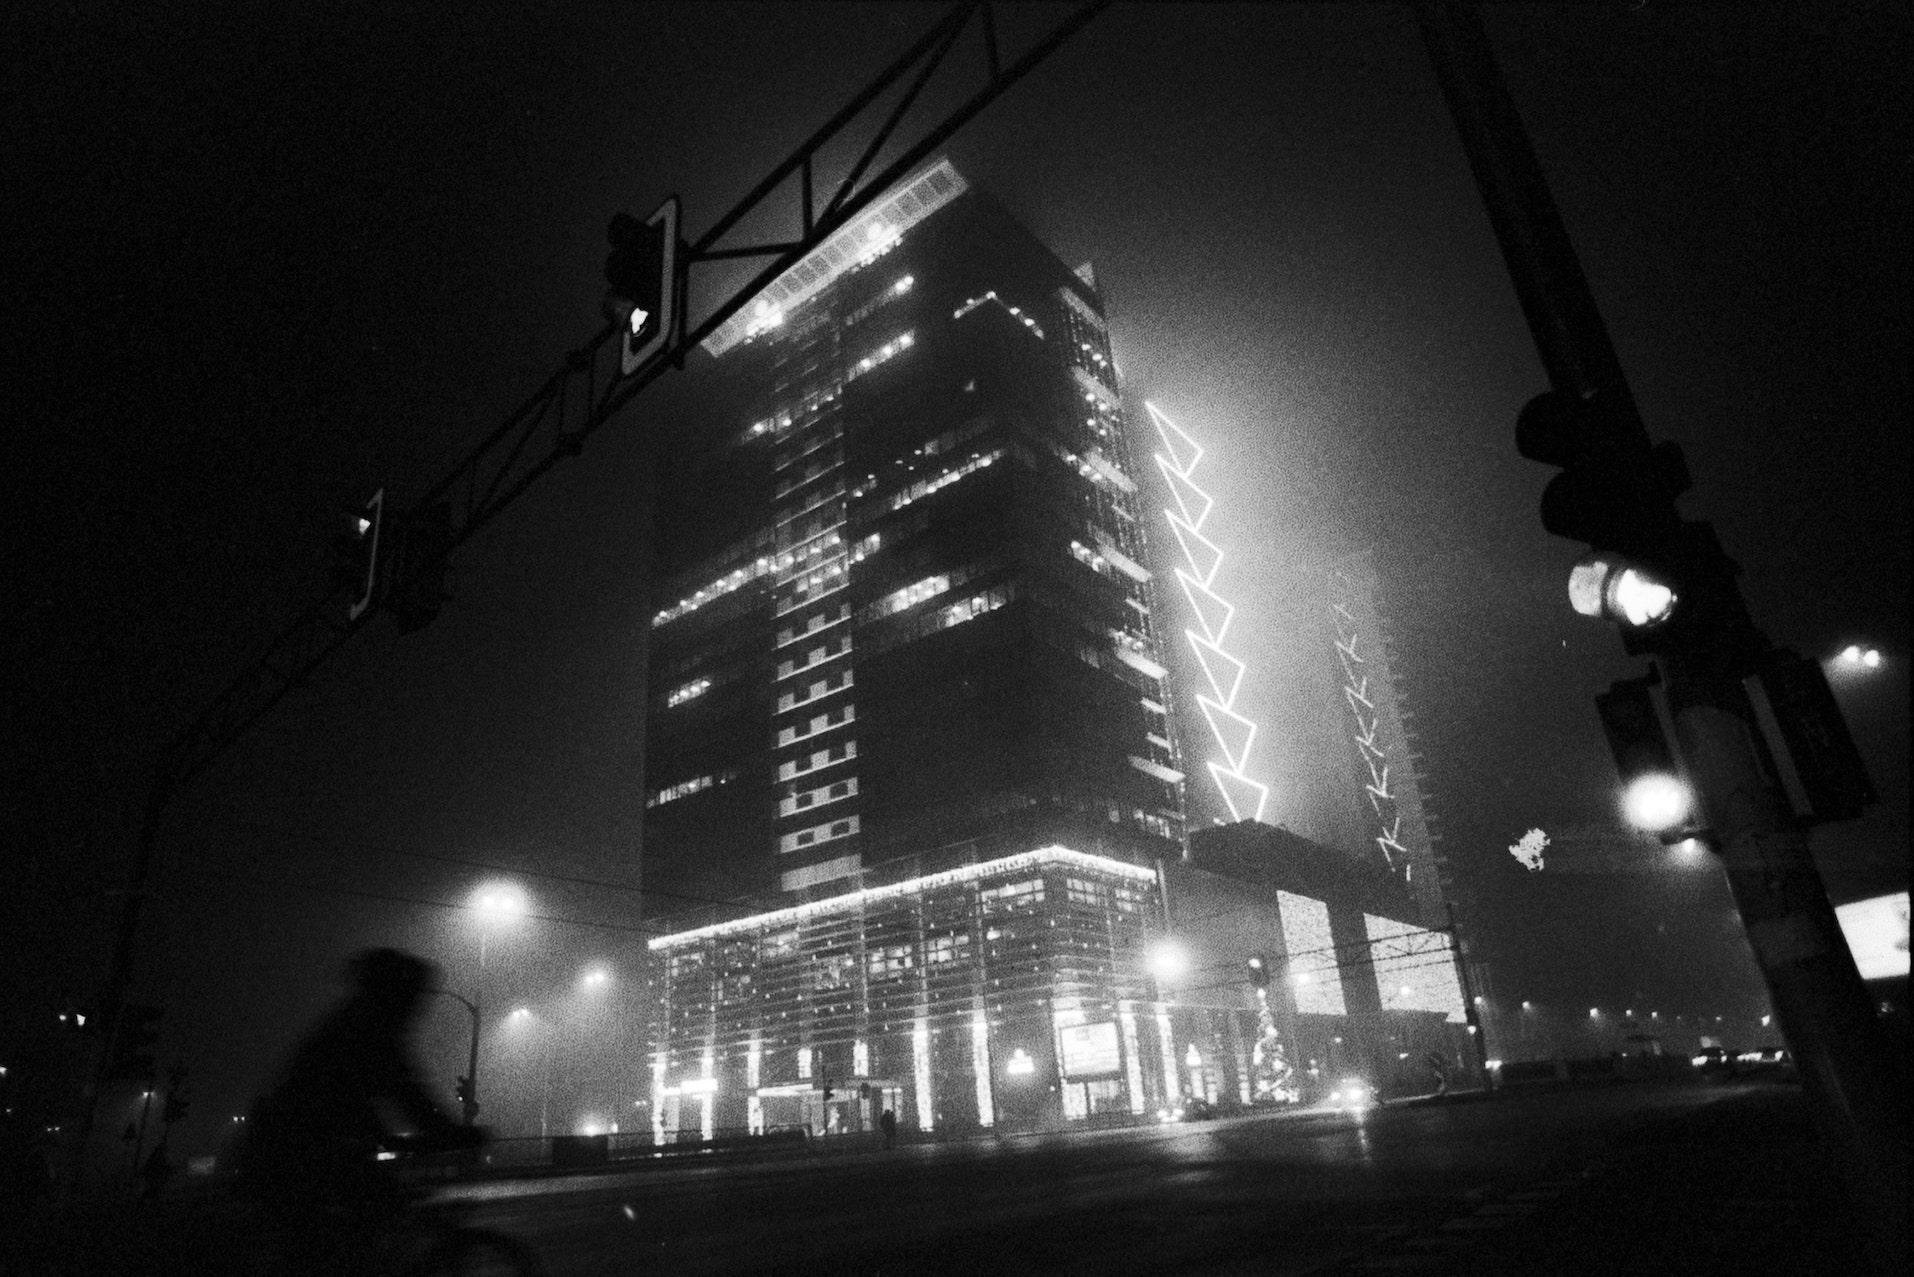 София през нощта